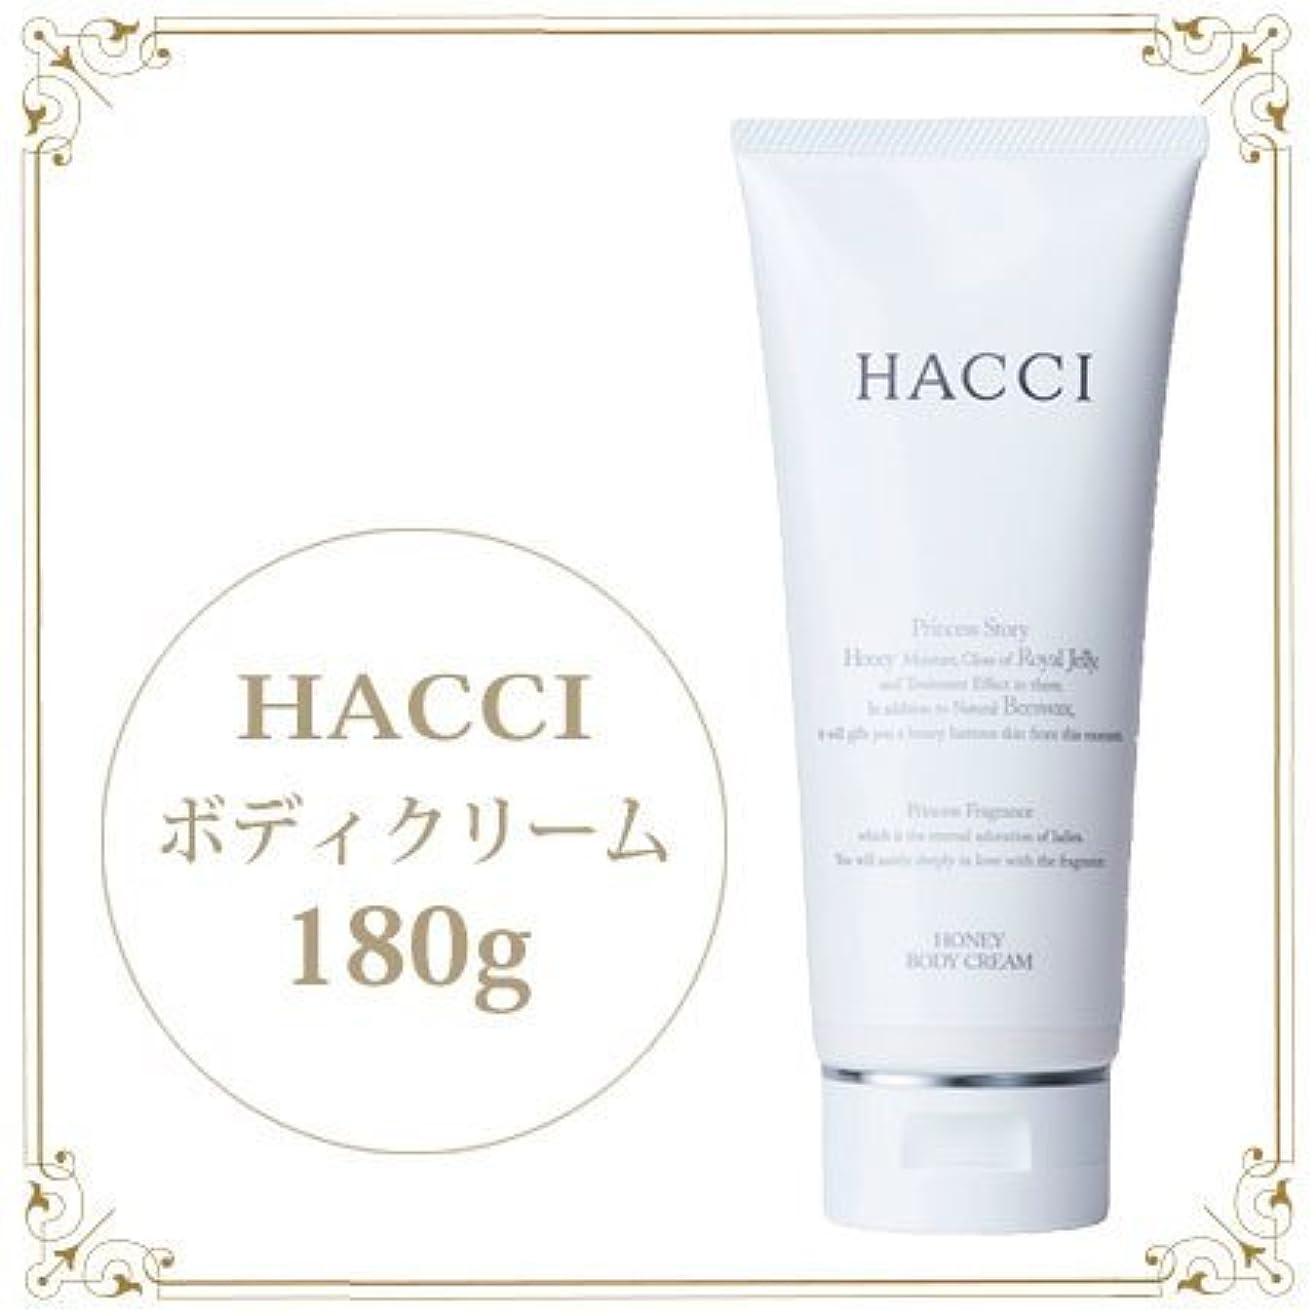 ハッチ ボディクリーム 180g -HACCI 1912-